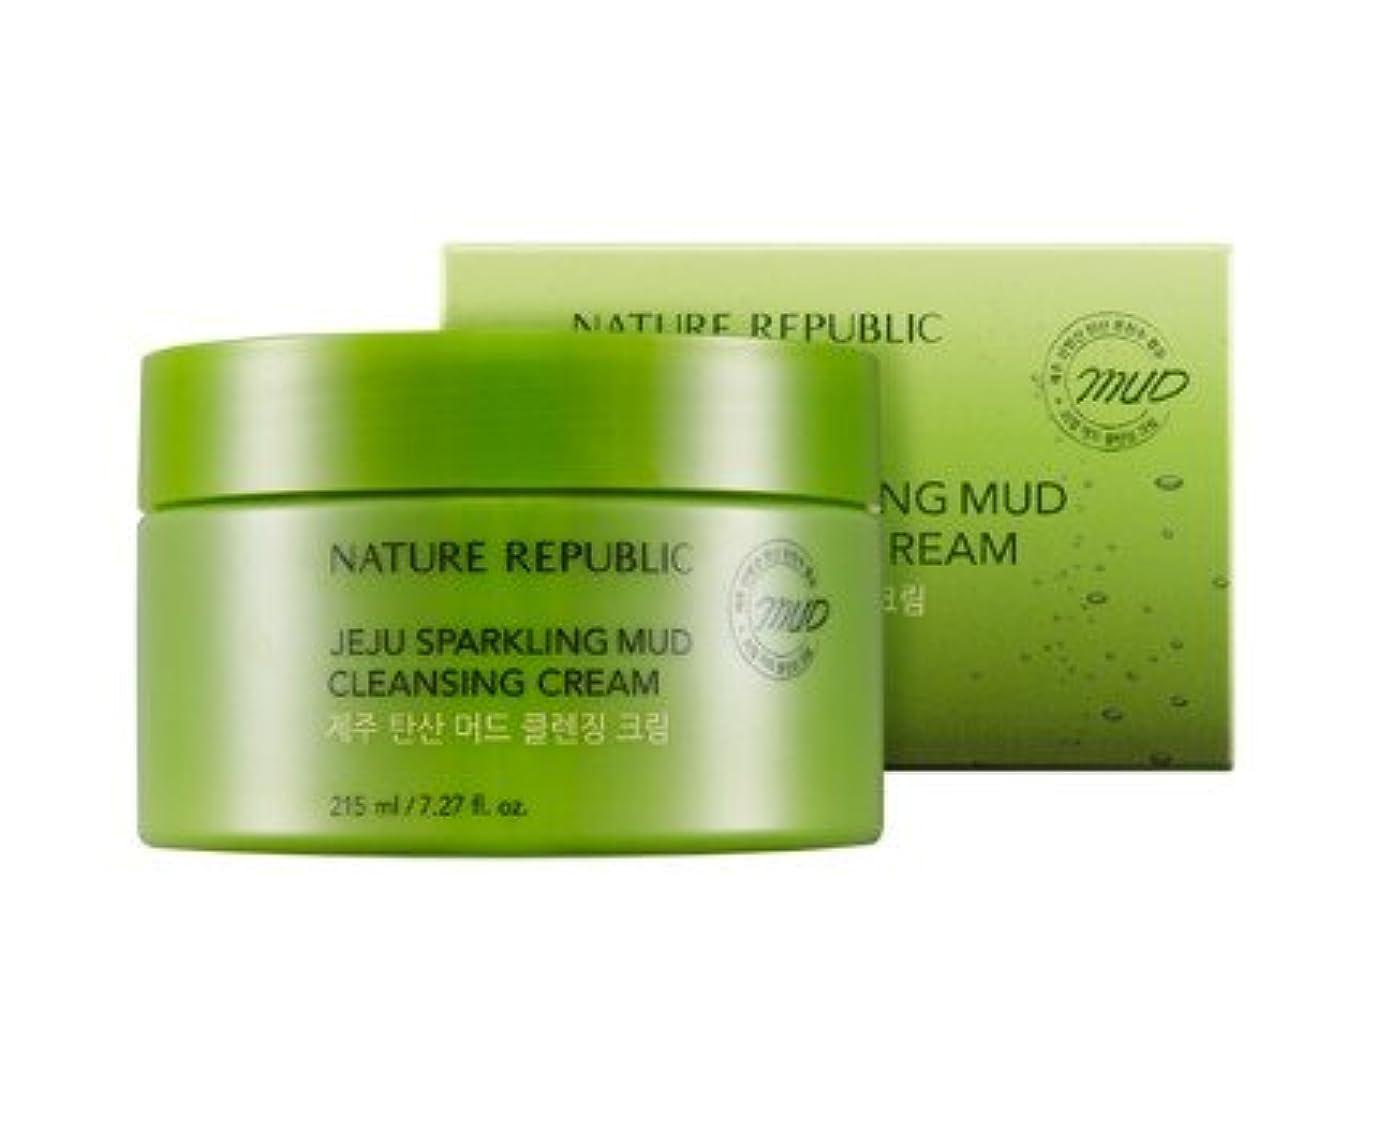 無法者大腿ベルNature republic Jeju Sparkling Mud Cleansing Cream ネイチャーリパブリック チェジュ炭酸マッド クレンジングクリーム 215ML [並行輸入品]